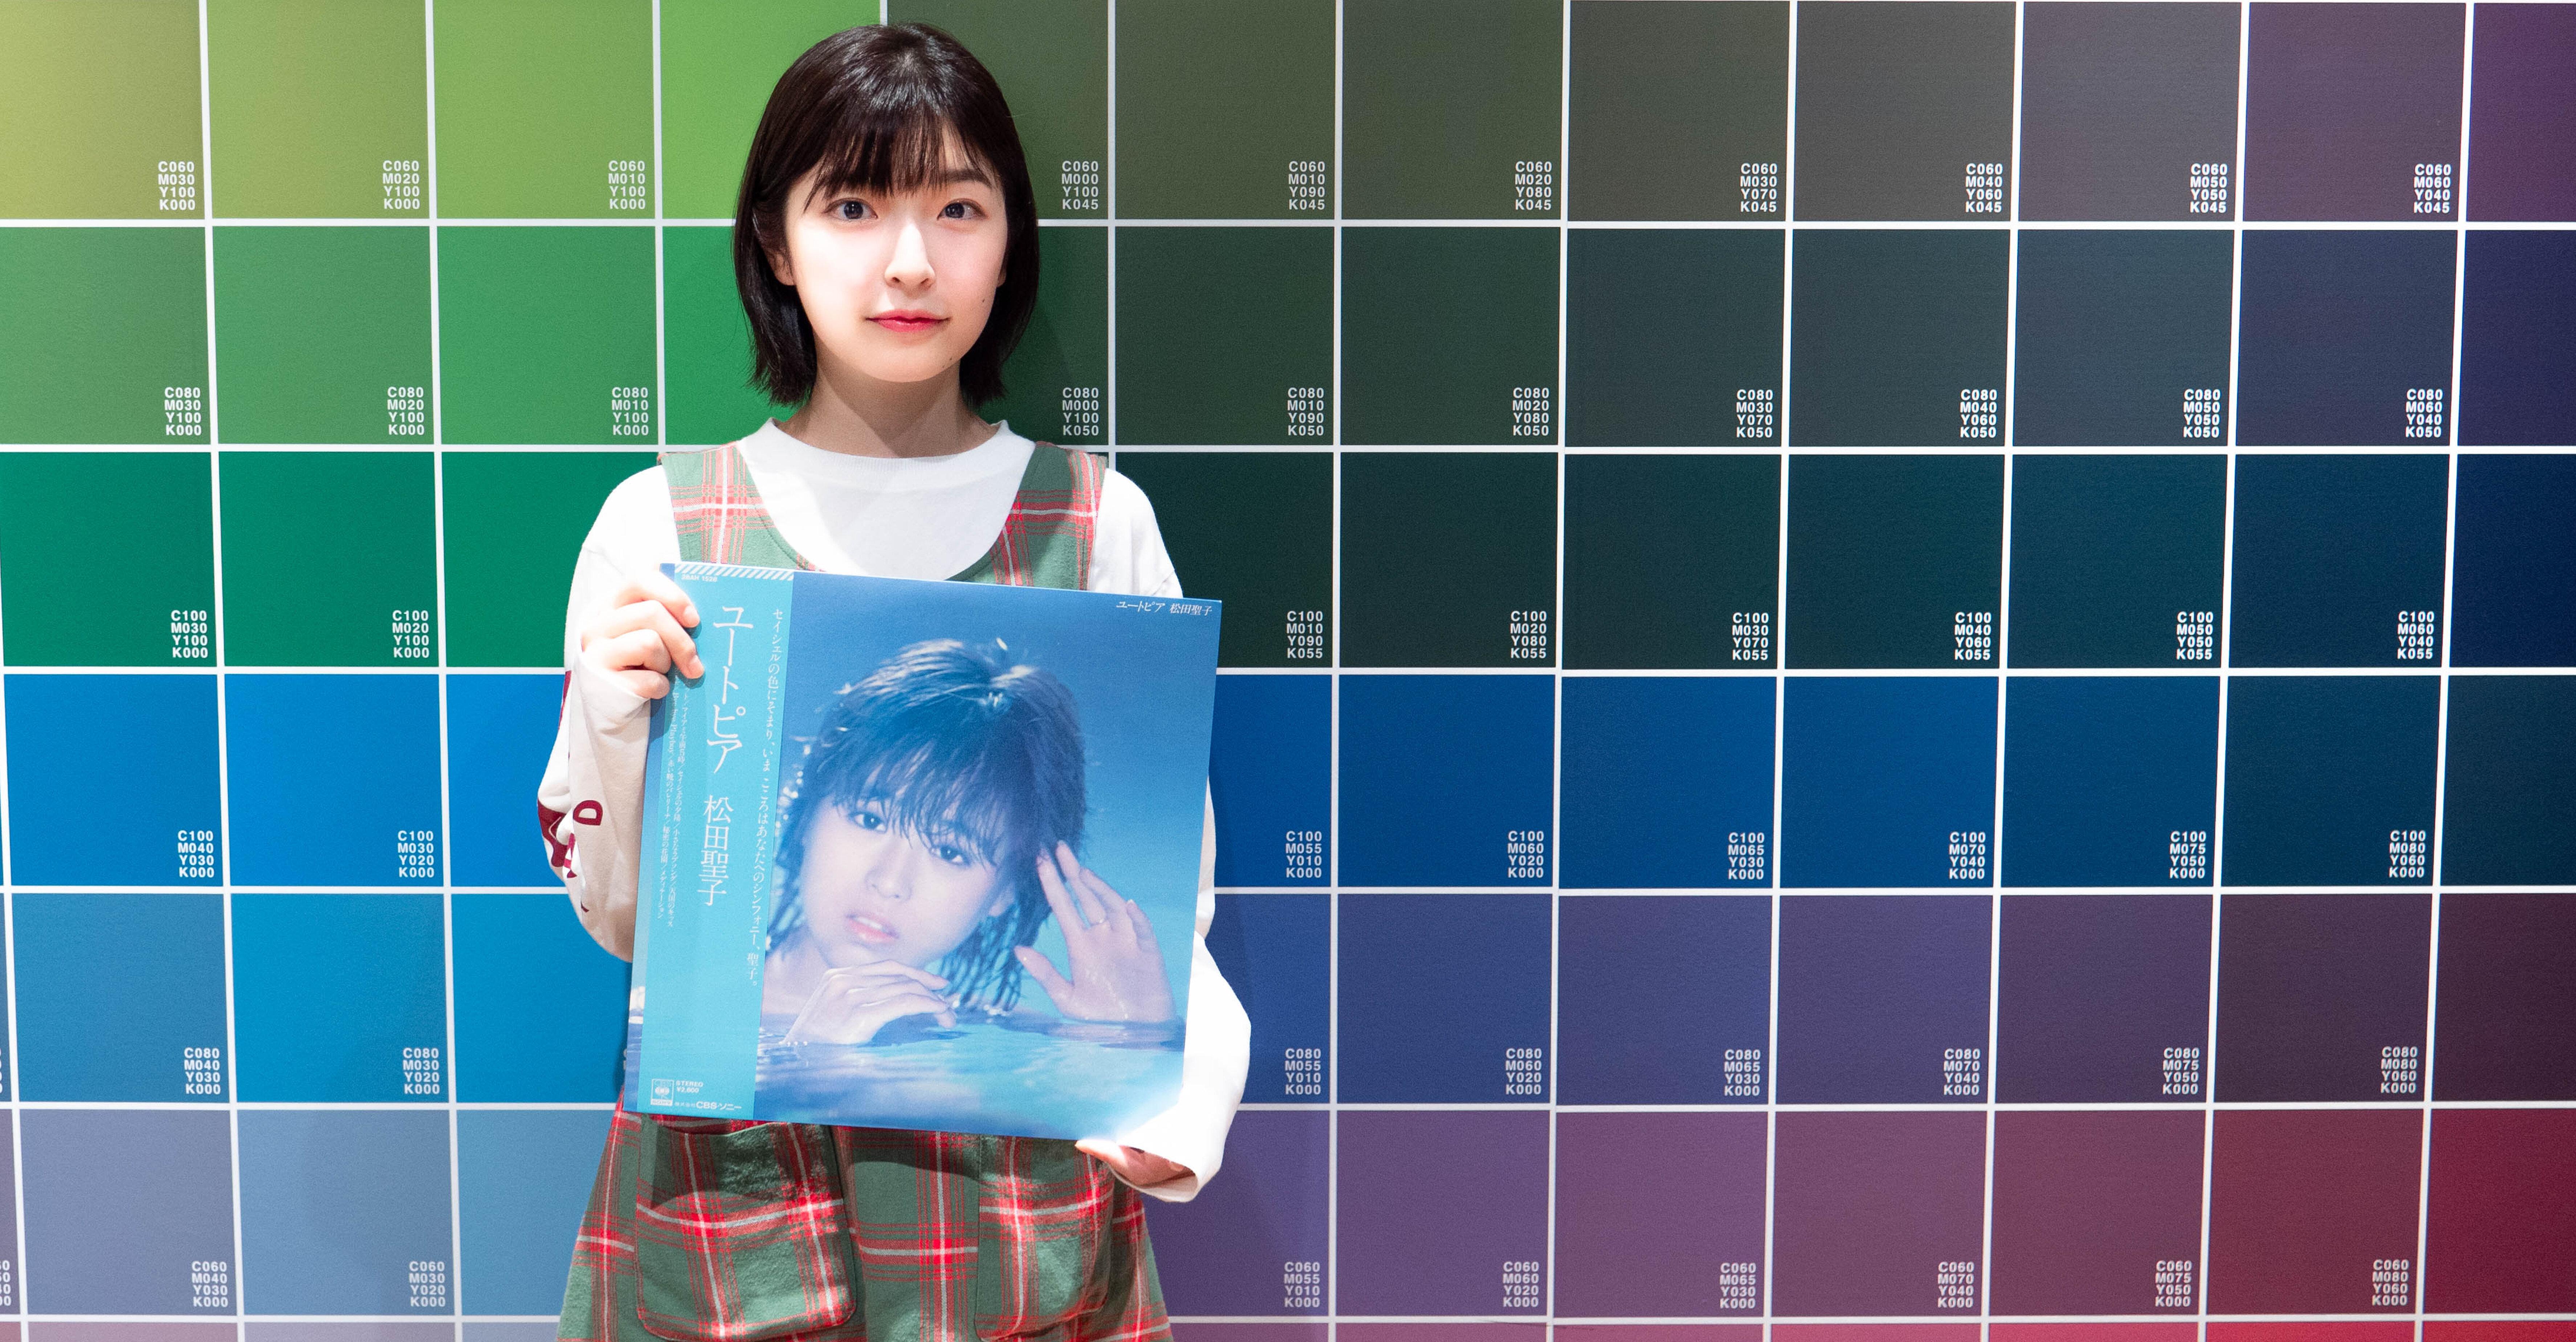 矢川葵(Maison book girl)が語る 松田聖子の魅力とアイドルポップス論